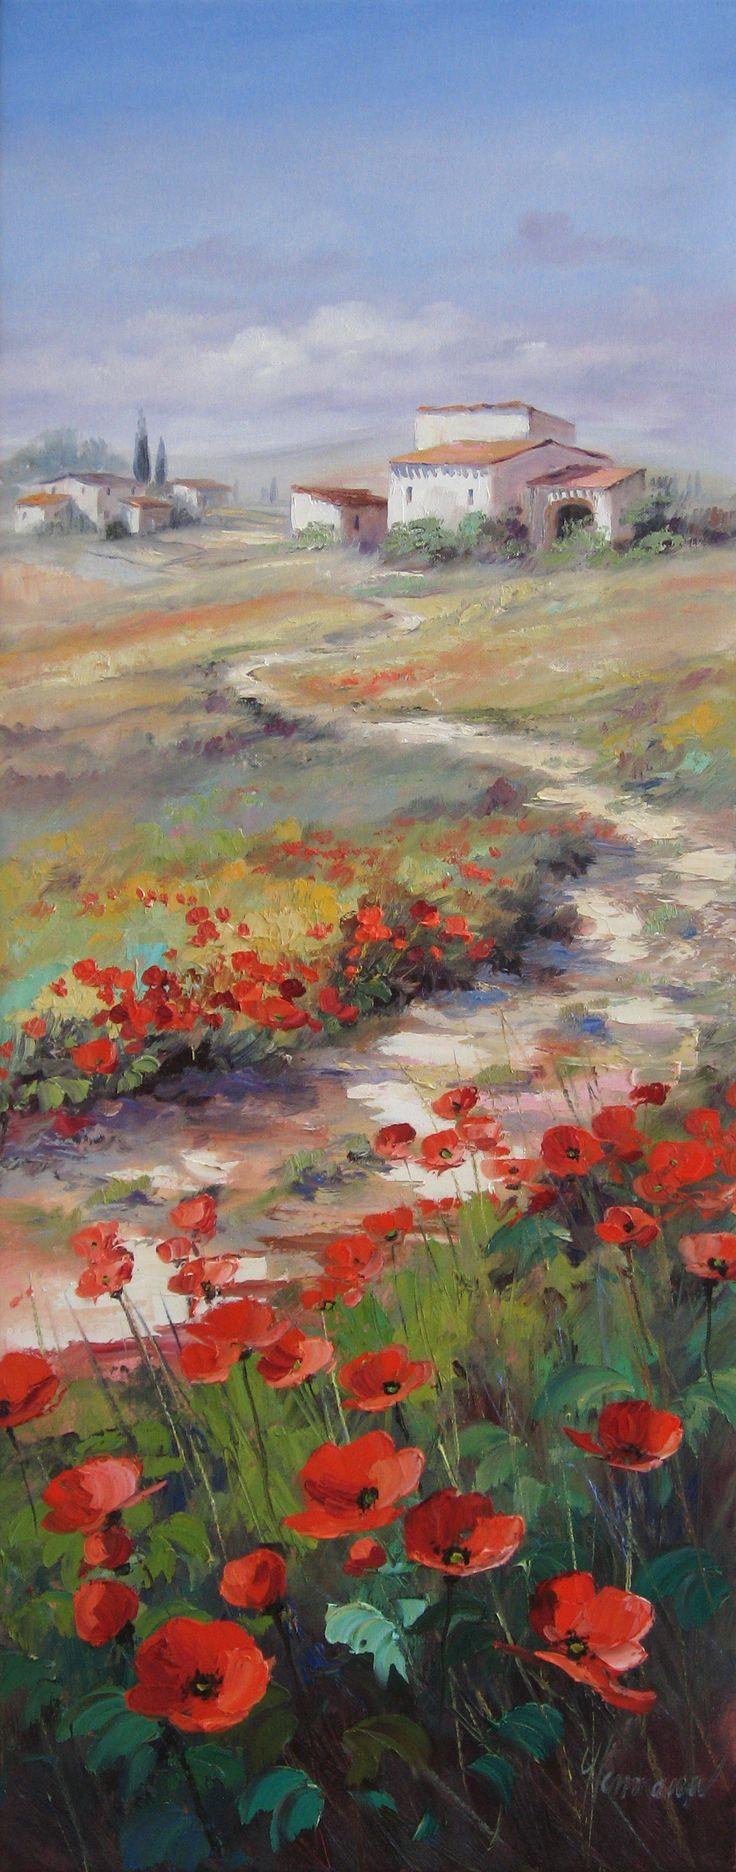 Ölgemälde - Landschaft mit Mohn in der Toskana - Ein Weg führt durch weite Felder, vorbei an malerischen Häusern | Weitere Ölbilder von Ute Herrmann finden sie unter: www.ute-herrmann-kunstmalerin.de